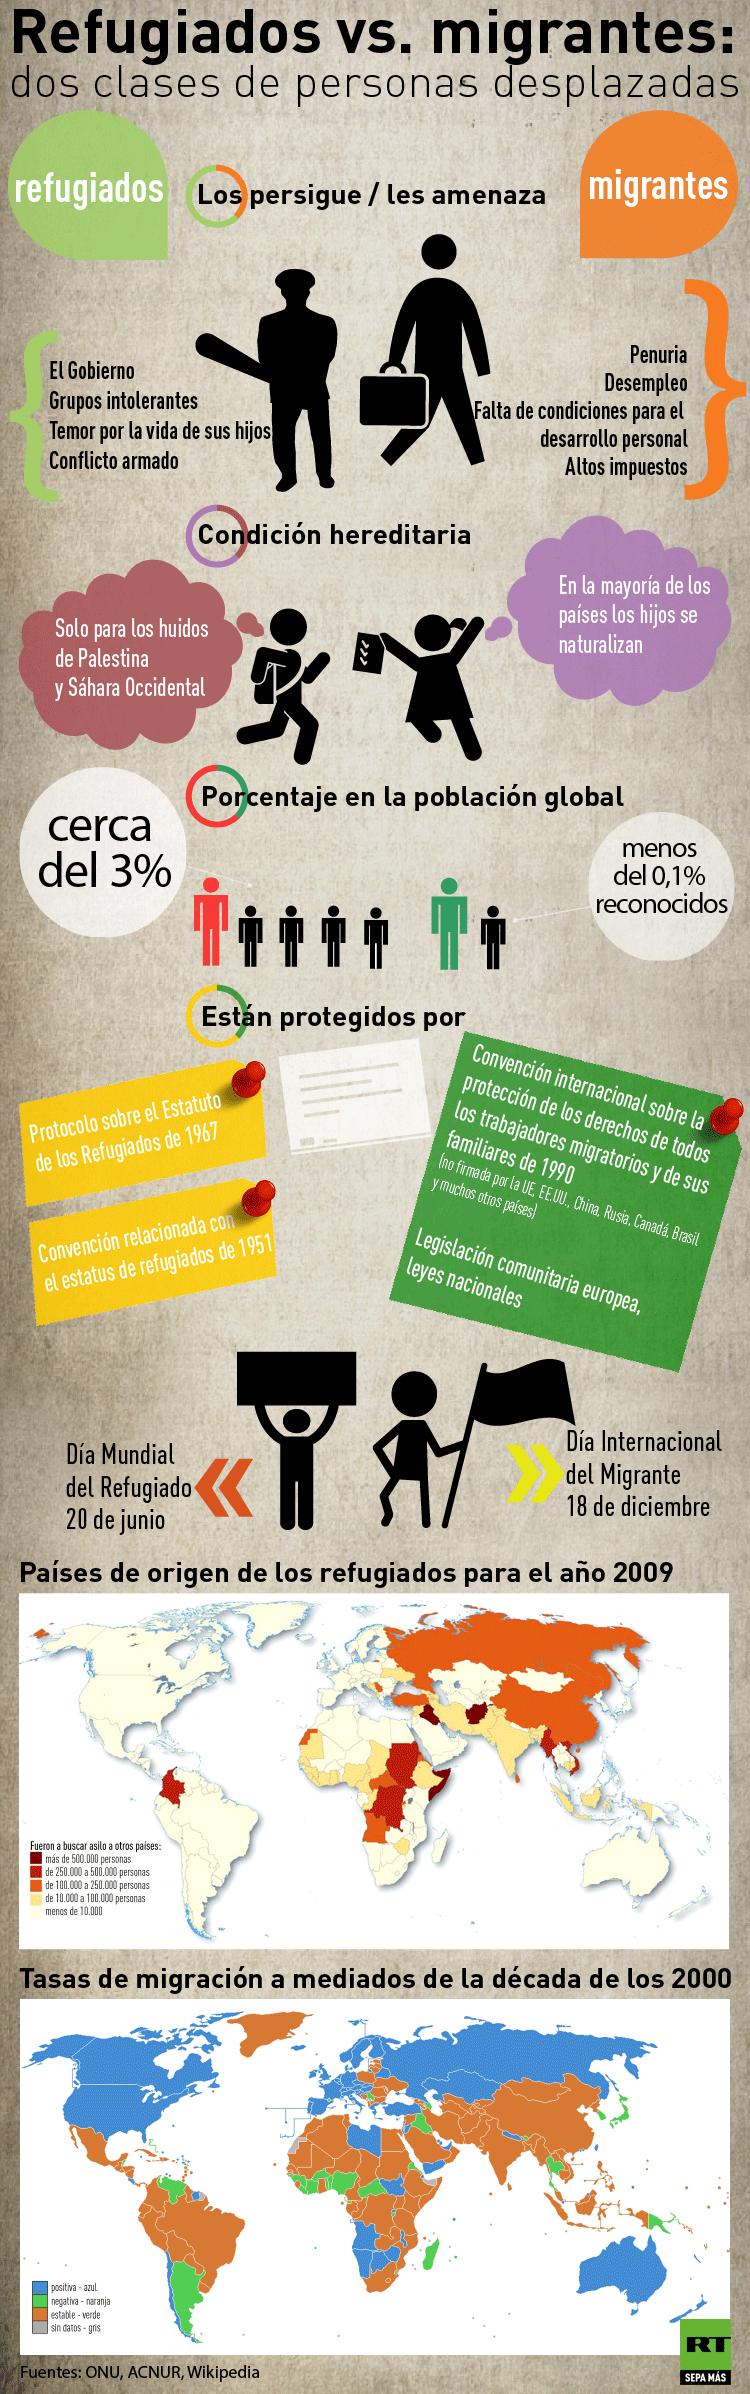 Refugiados vs. migrantes (infografía)